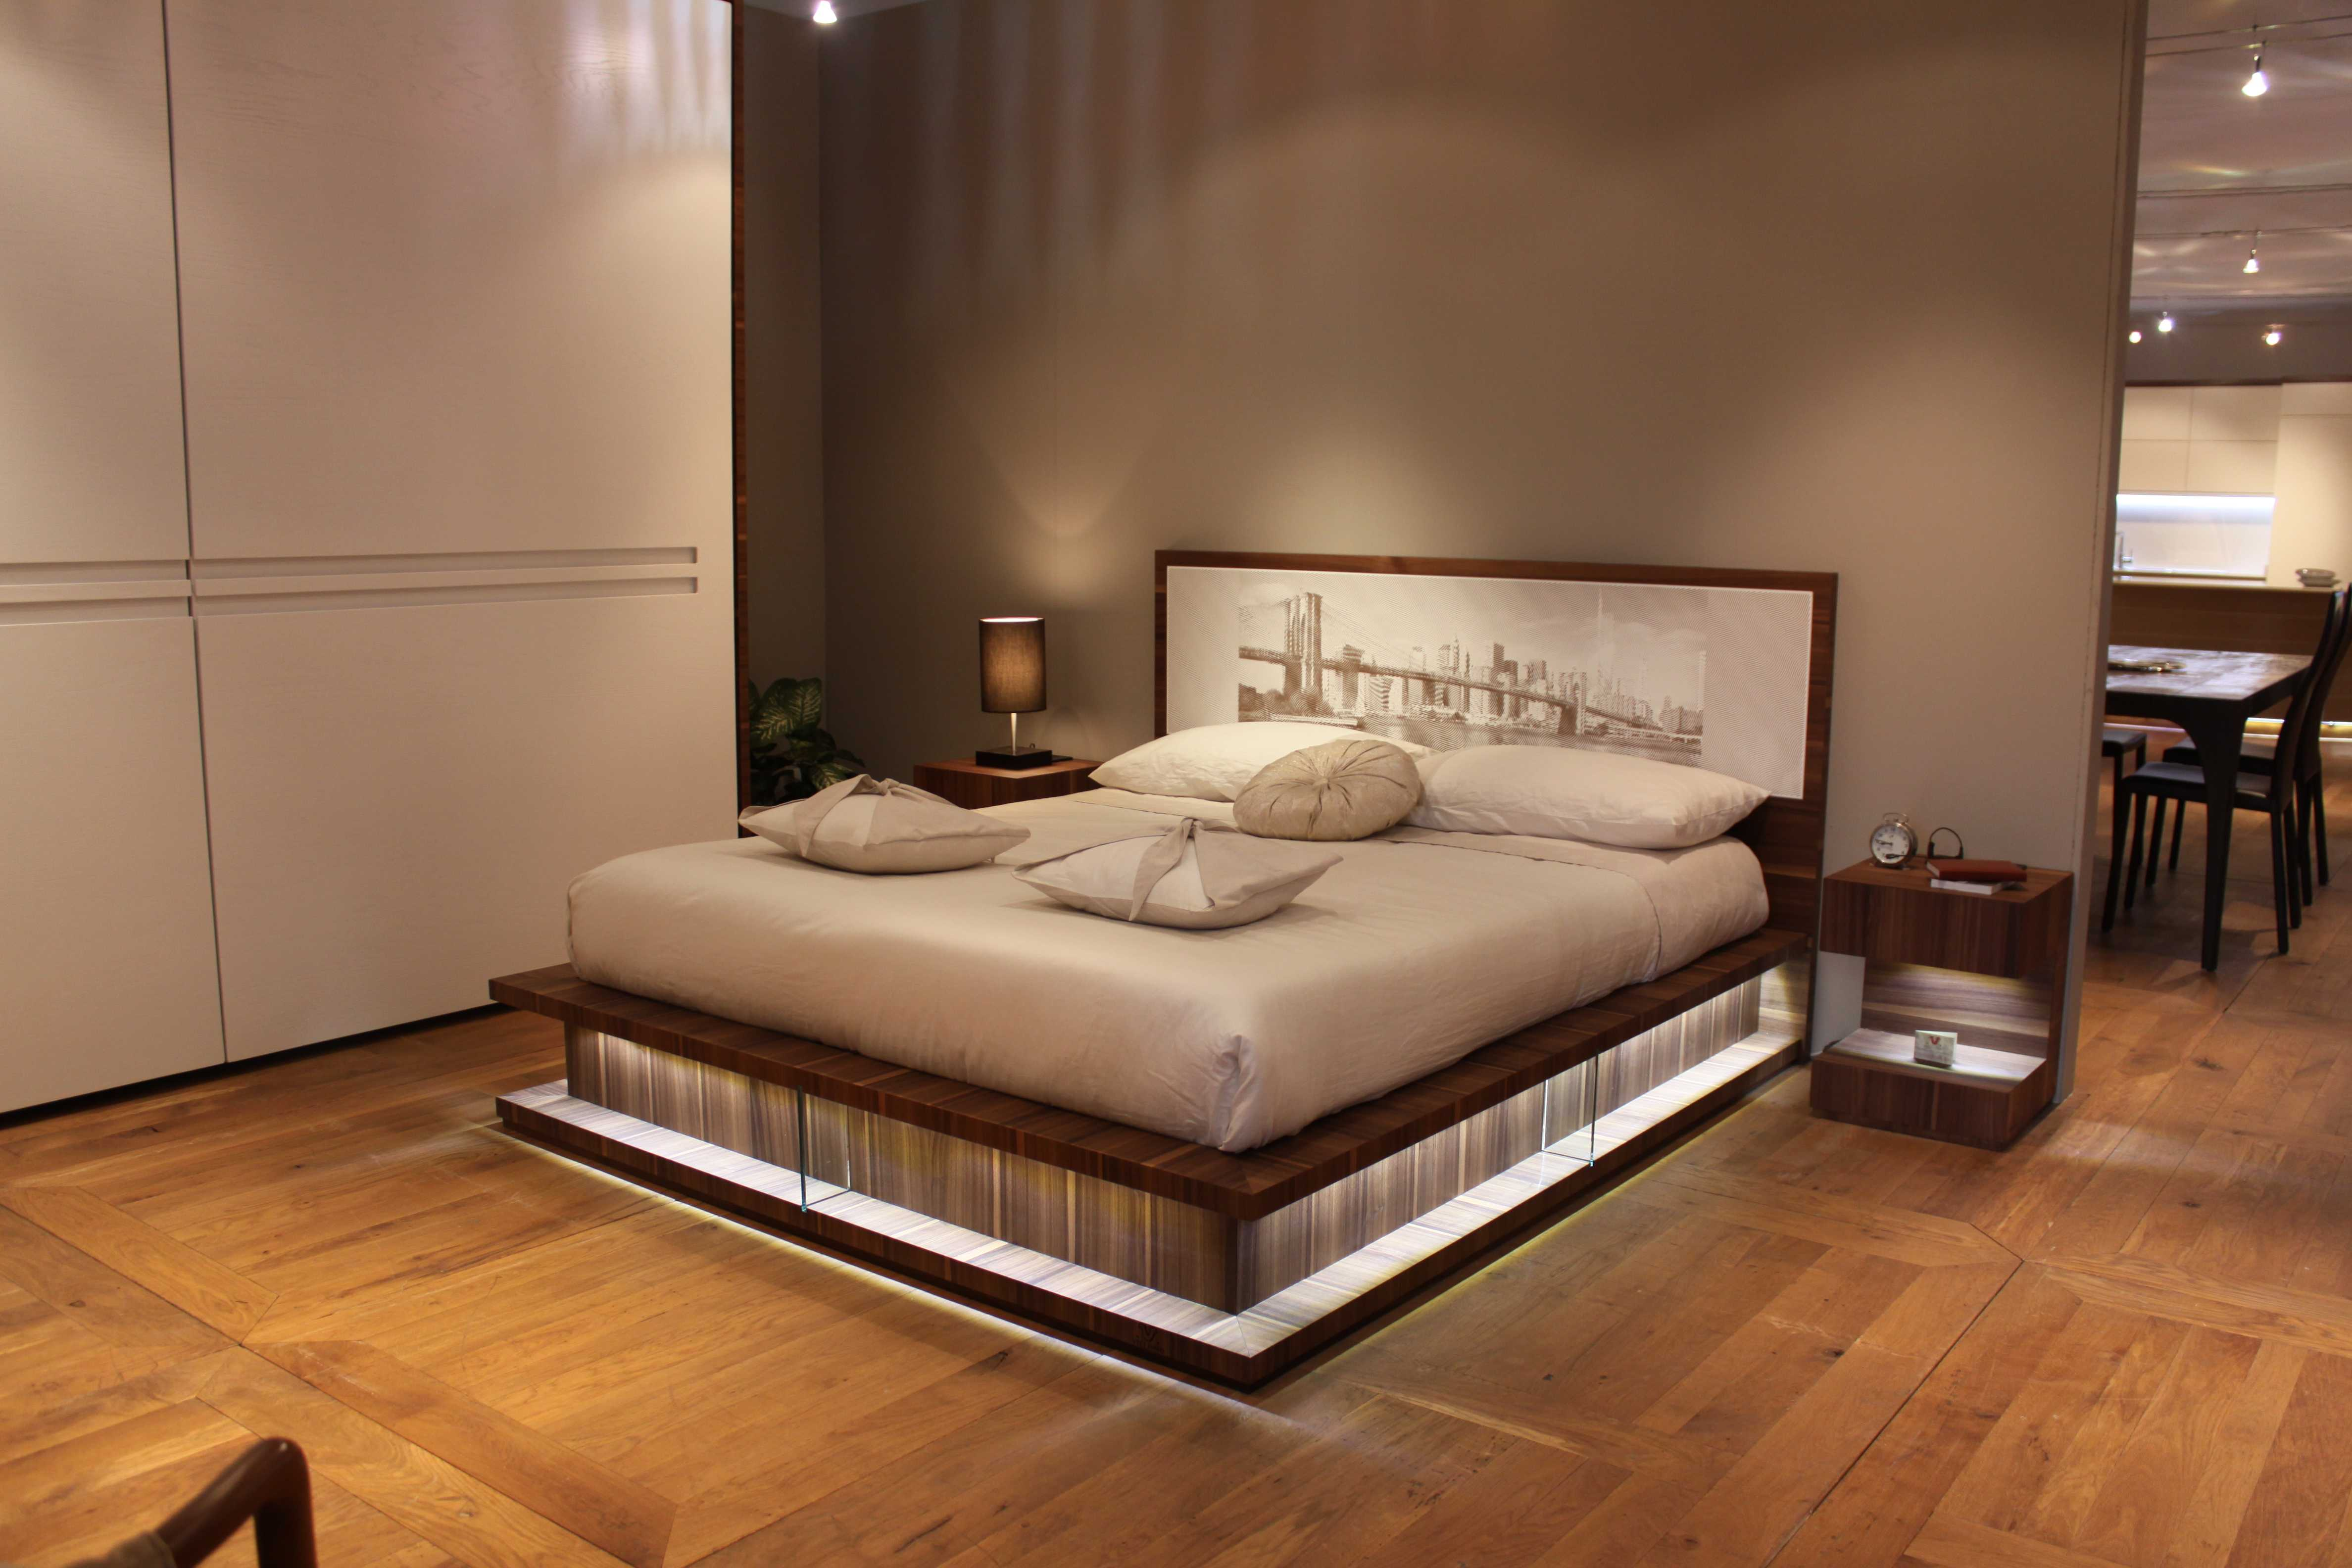 Tavernette moderne camera da letto rustica moderna camere - Camera da letto rustica moderna ...